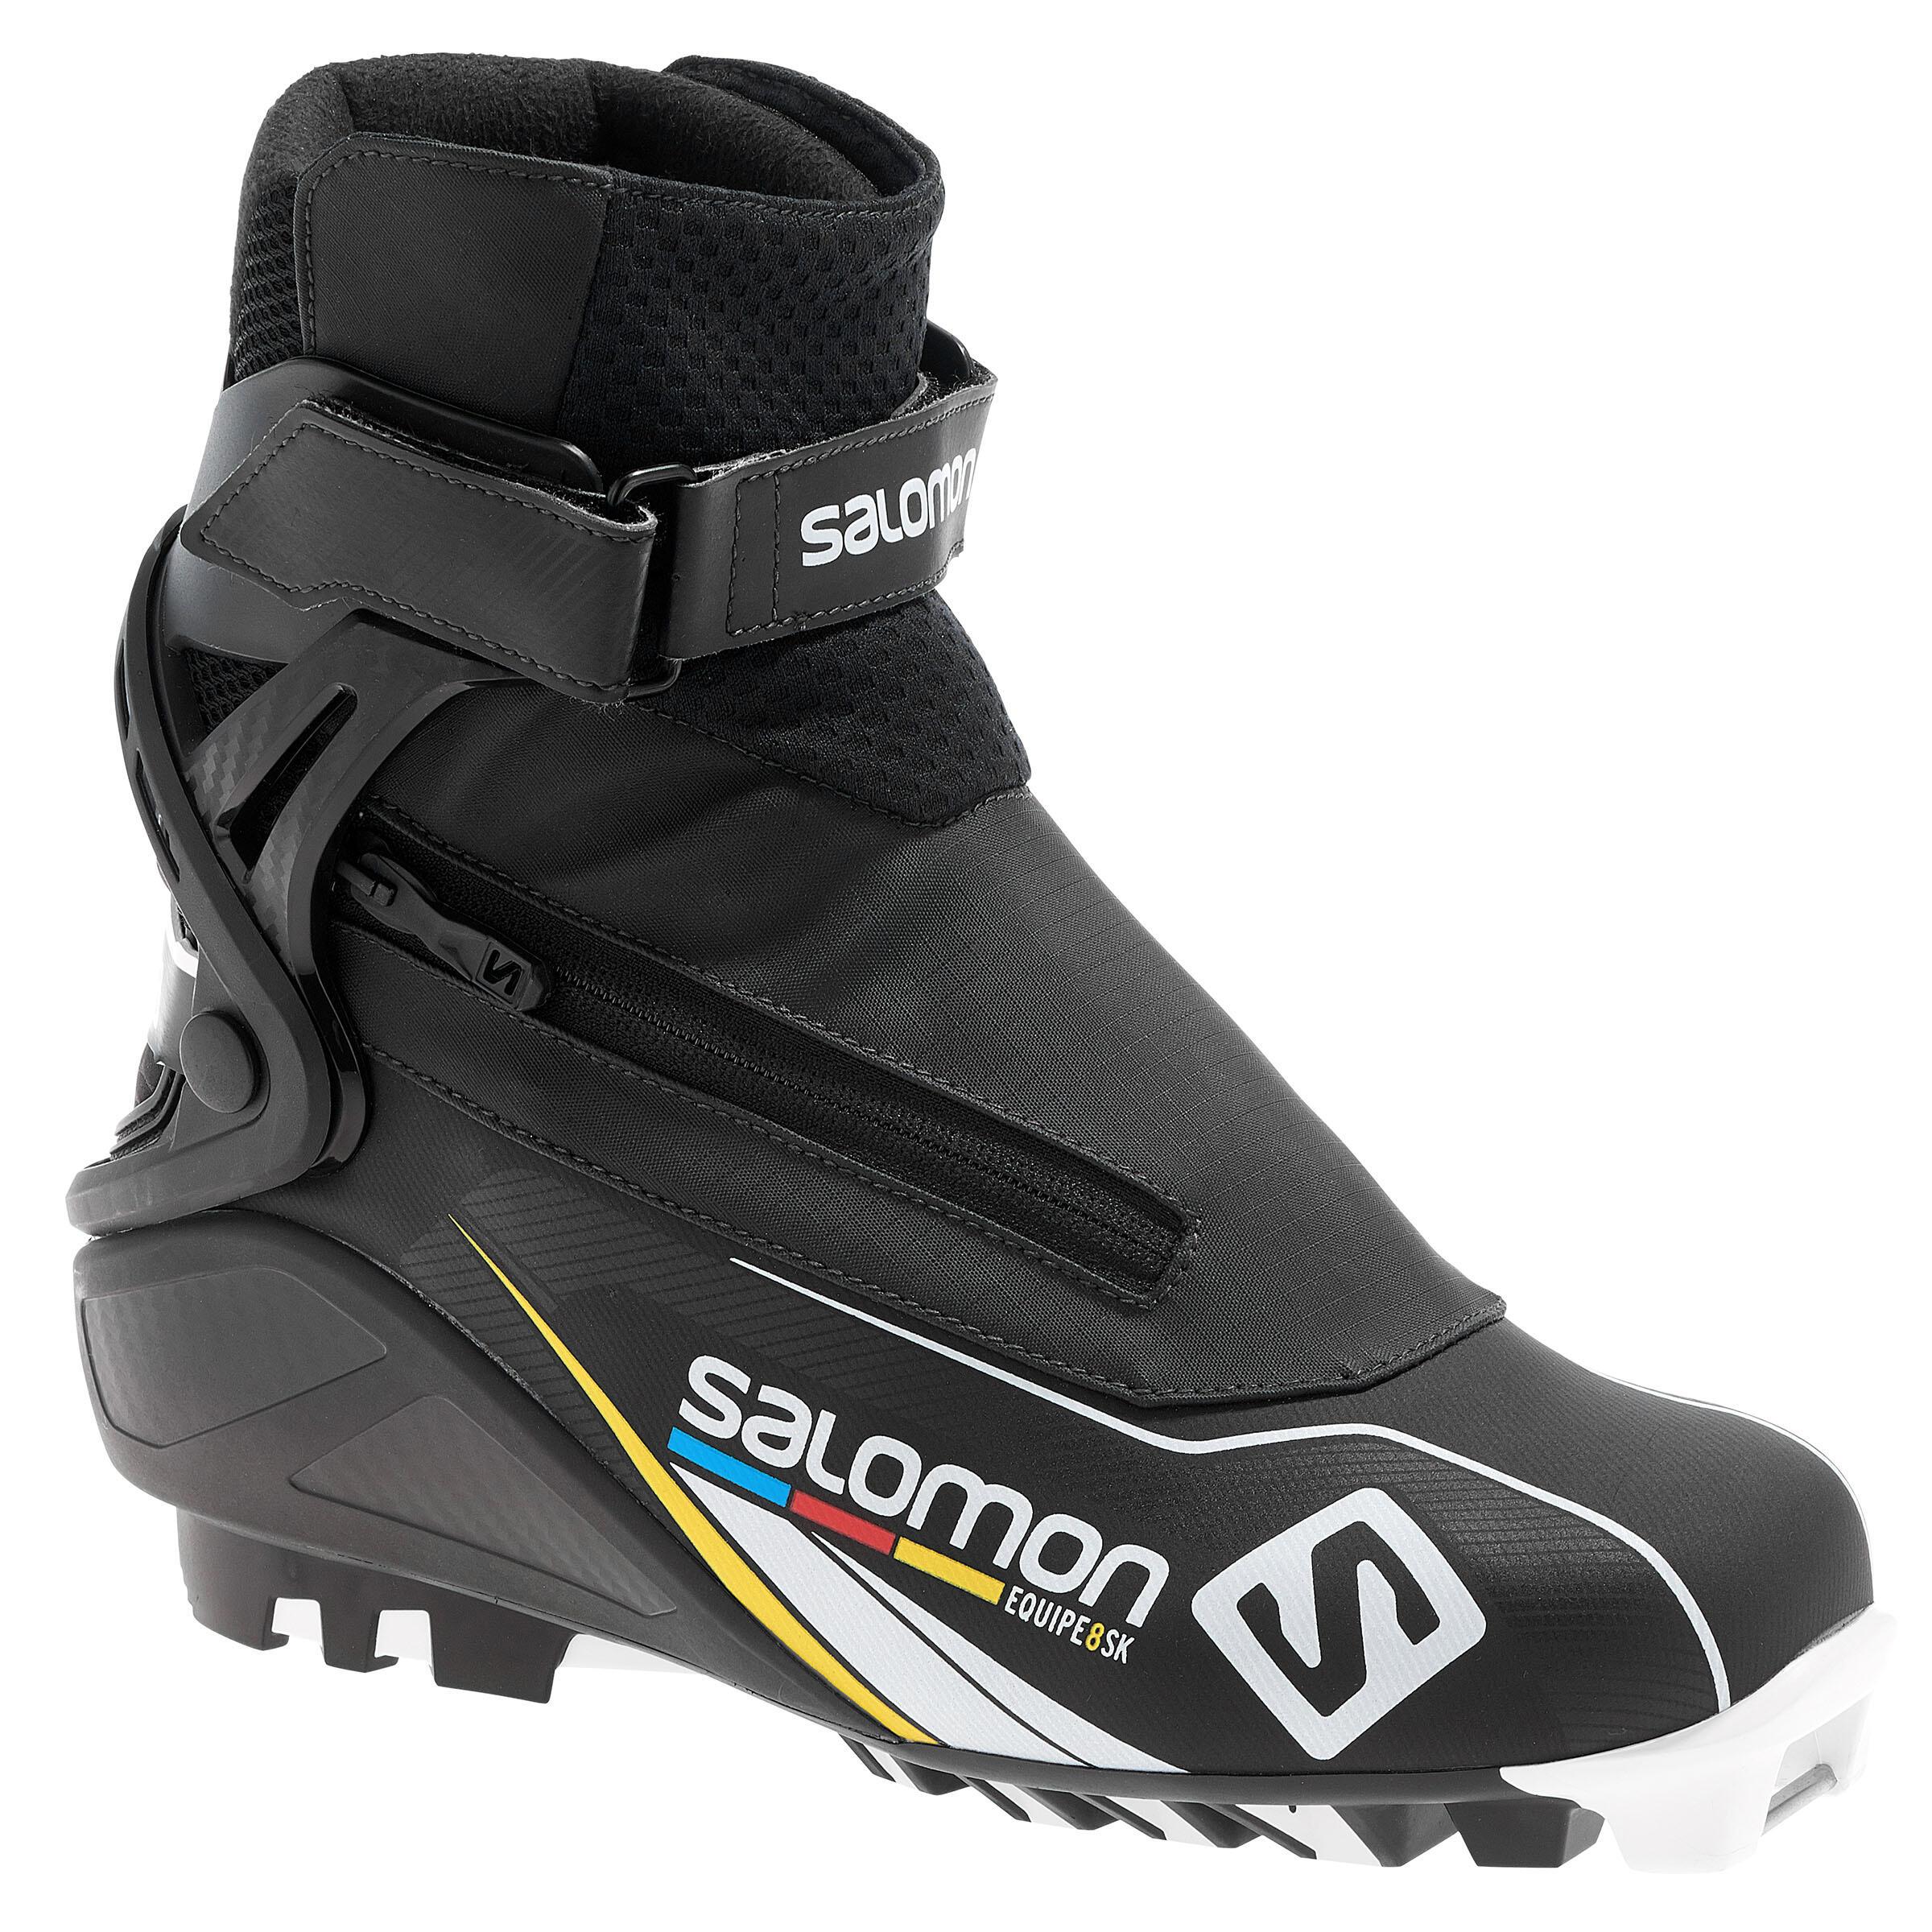 Salomon Skating langlaufschoenen voor heren sportief Equipe 8 Prolink thumbnail